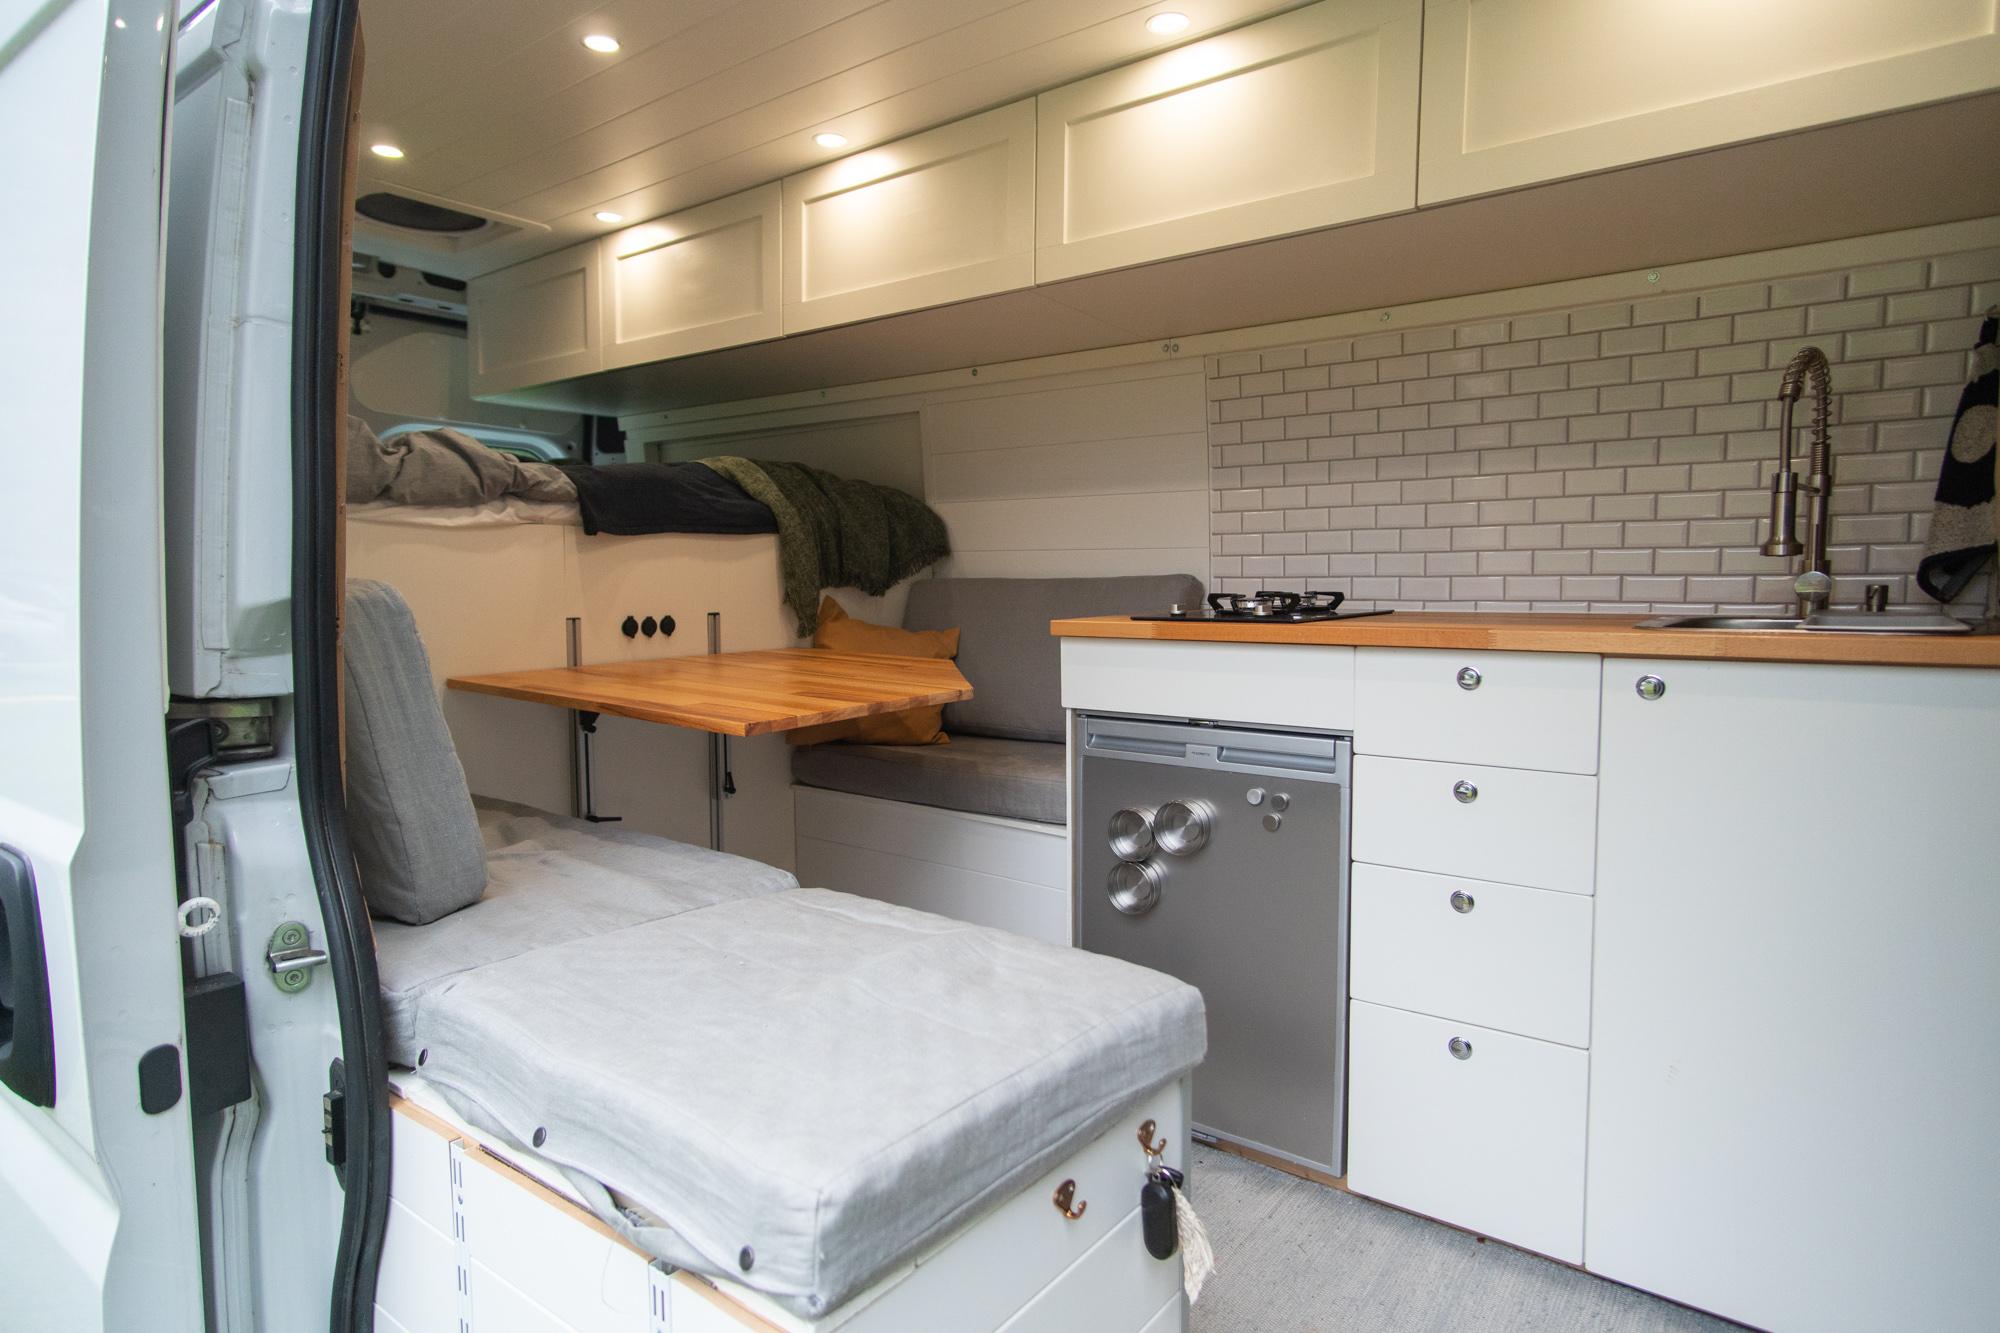 Pakettiauton keittiö ja yläkaapit